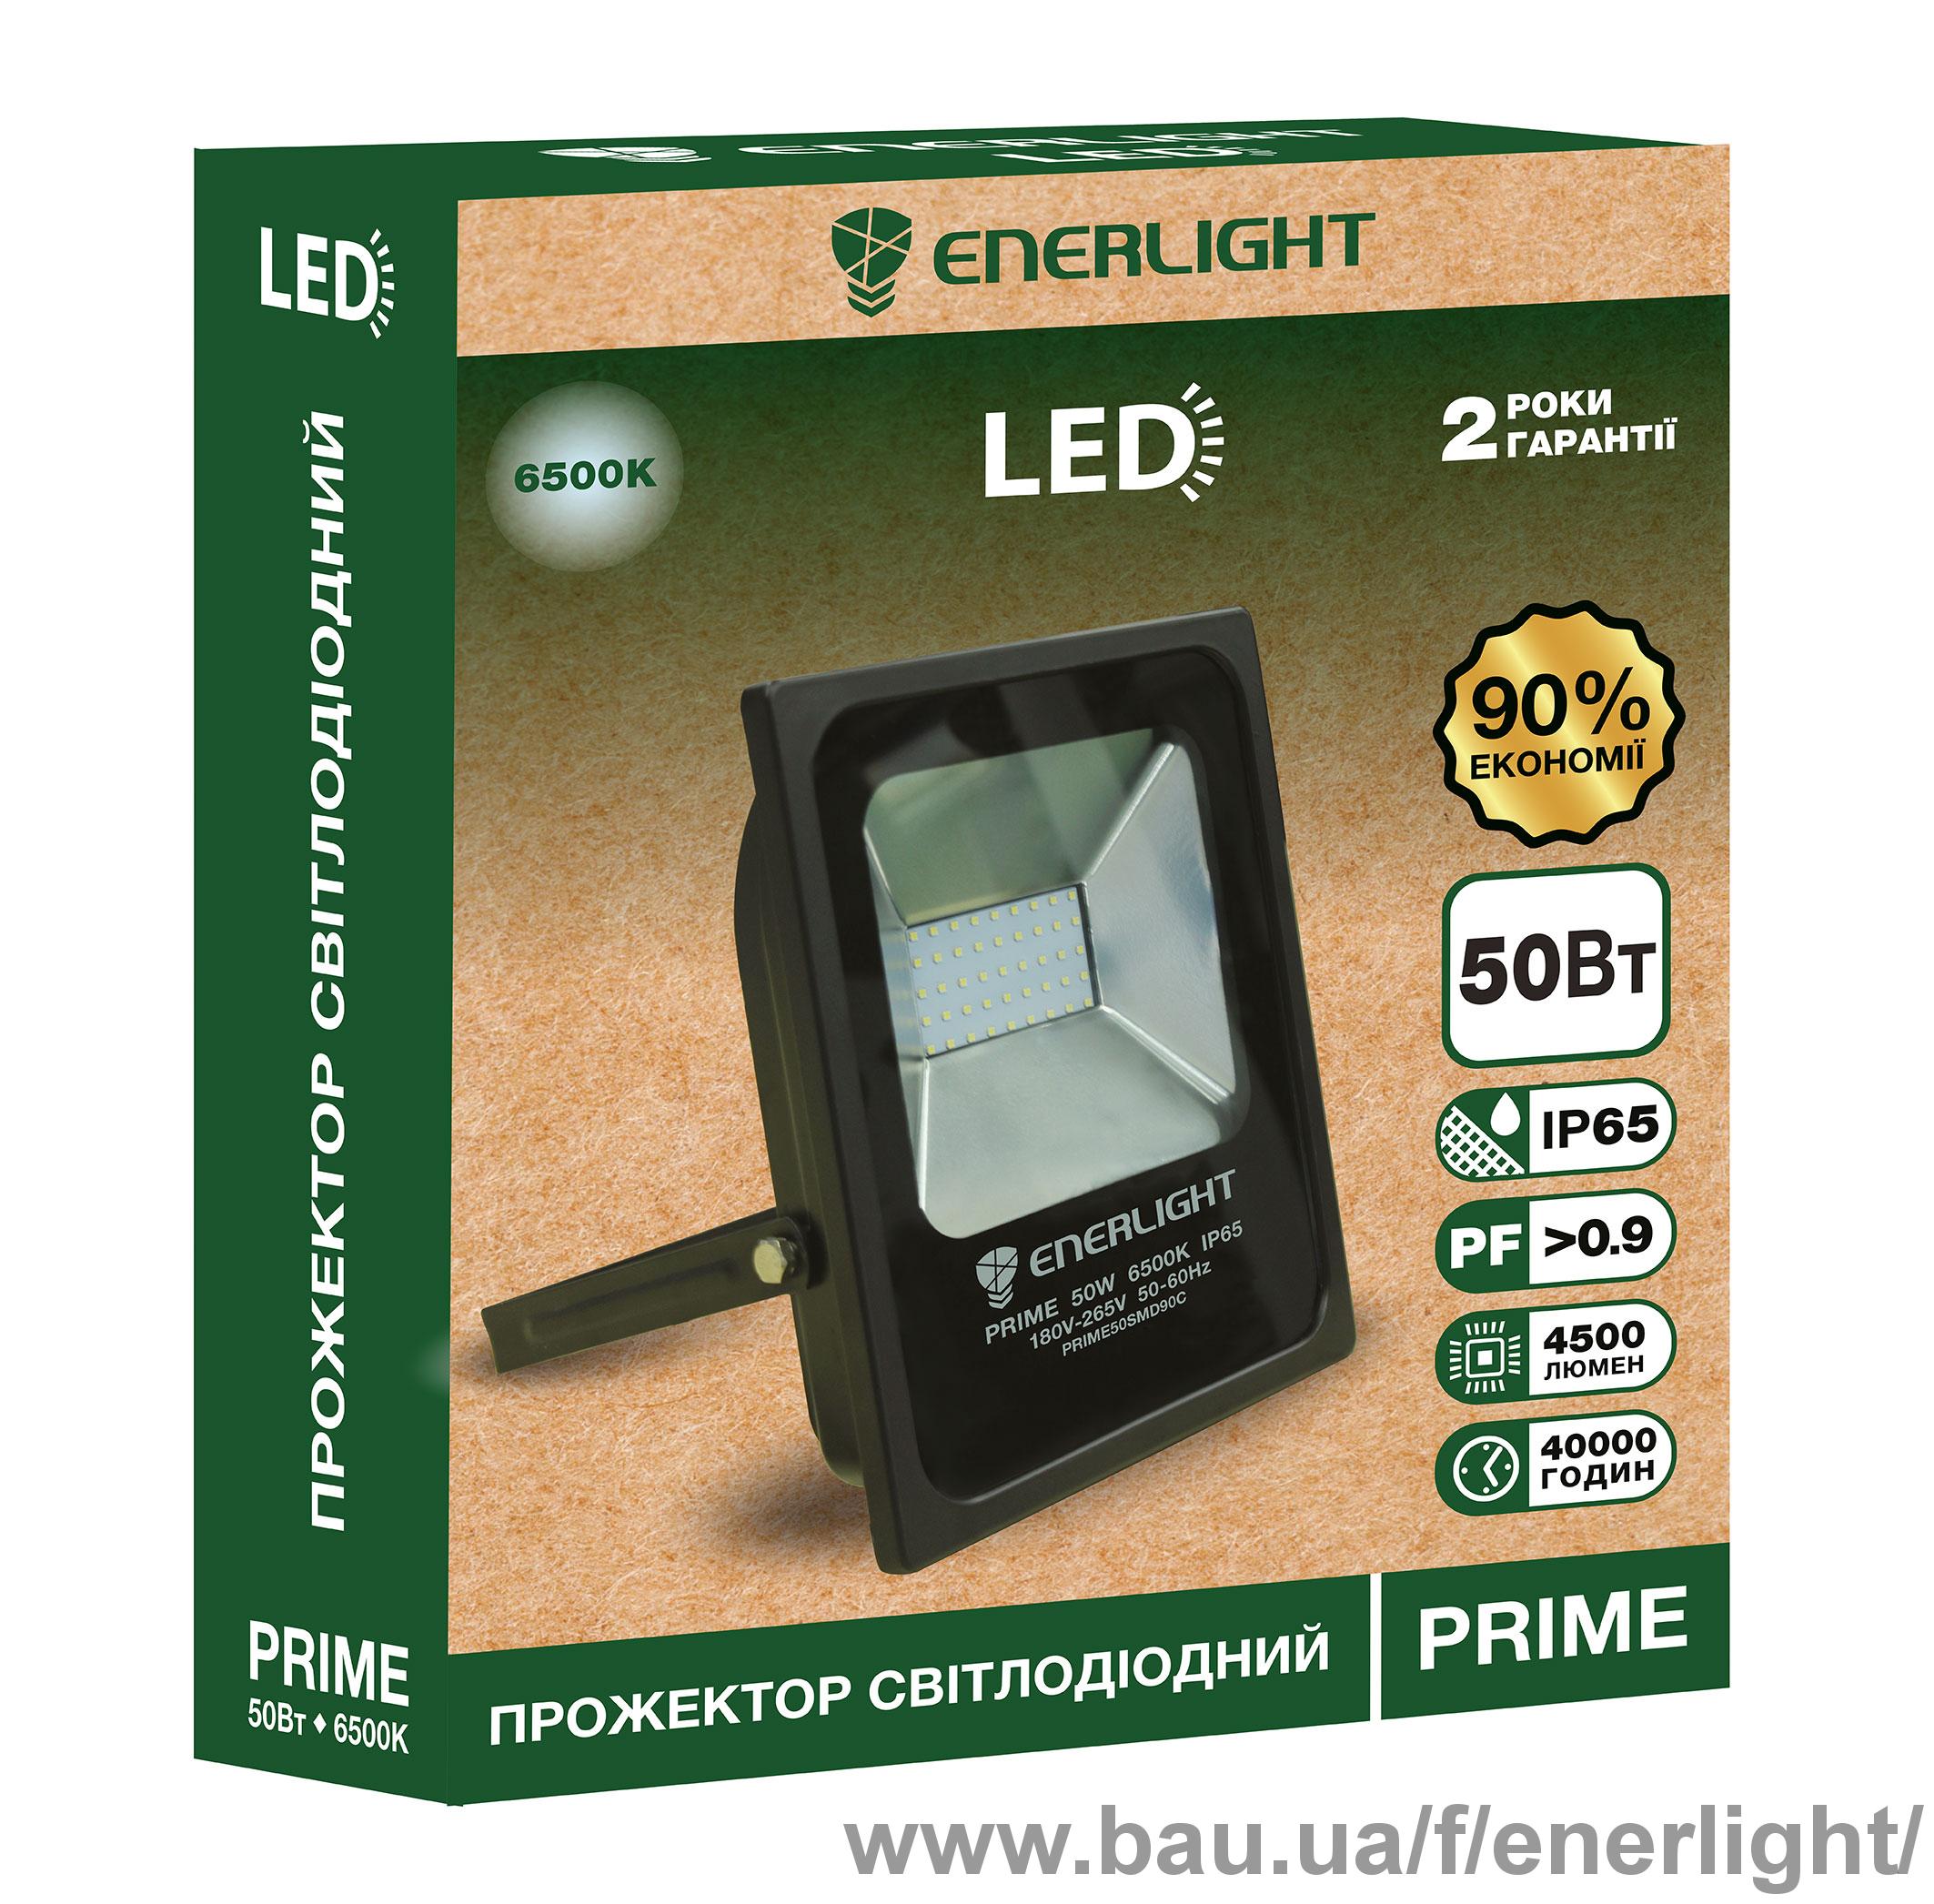 Прожектор светодиодный ENERLIGHT PRIME 10Вт-50Вт 6500K